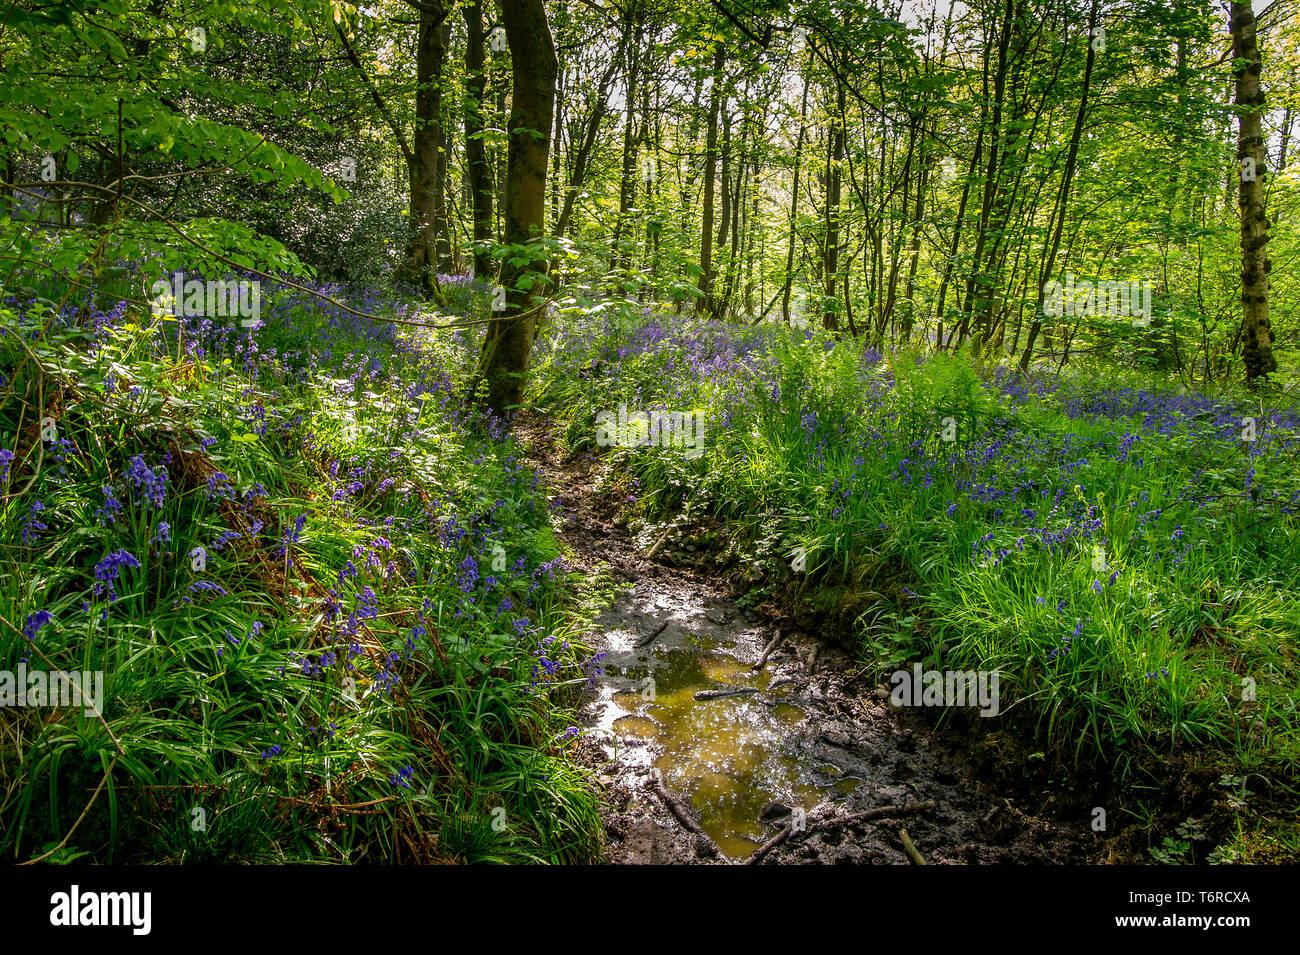 Un affichage glorieux de jacinthes et ail sauvage pour les randonneurs et les photographes comme dans le bois de printemps, près de Whalley, Lancashire. Le beau temps est défini Photo Stock